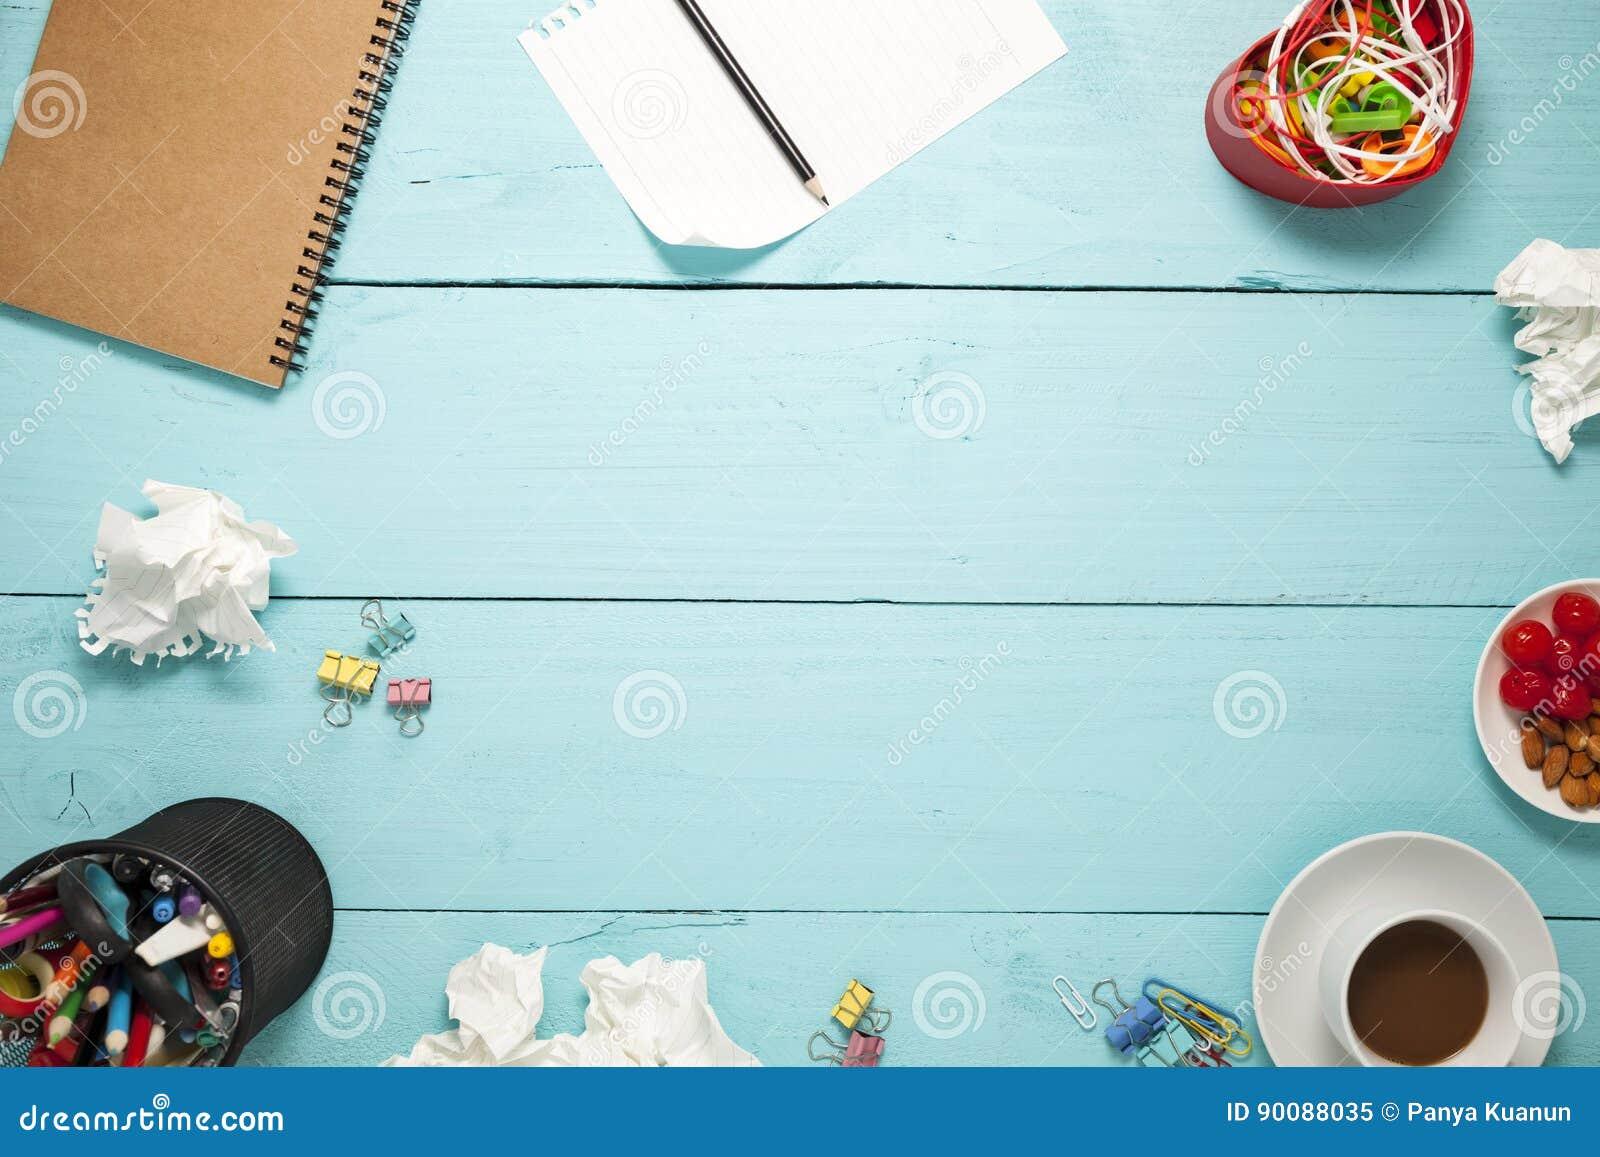 Hoogste mening van Leeg document en potlood, koffie, amandel, kers, en